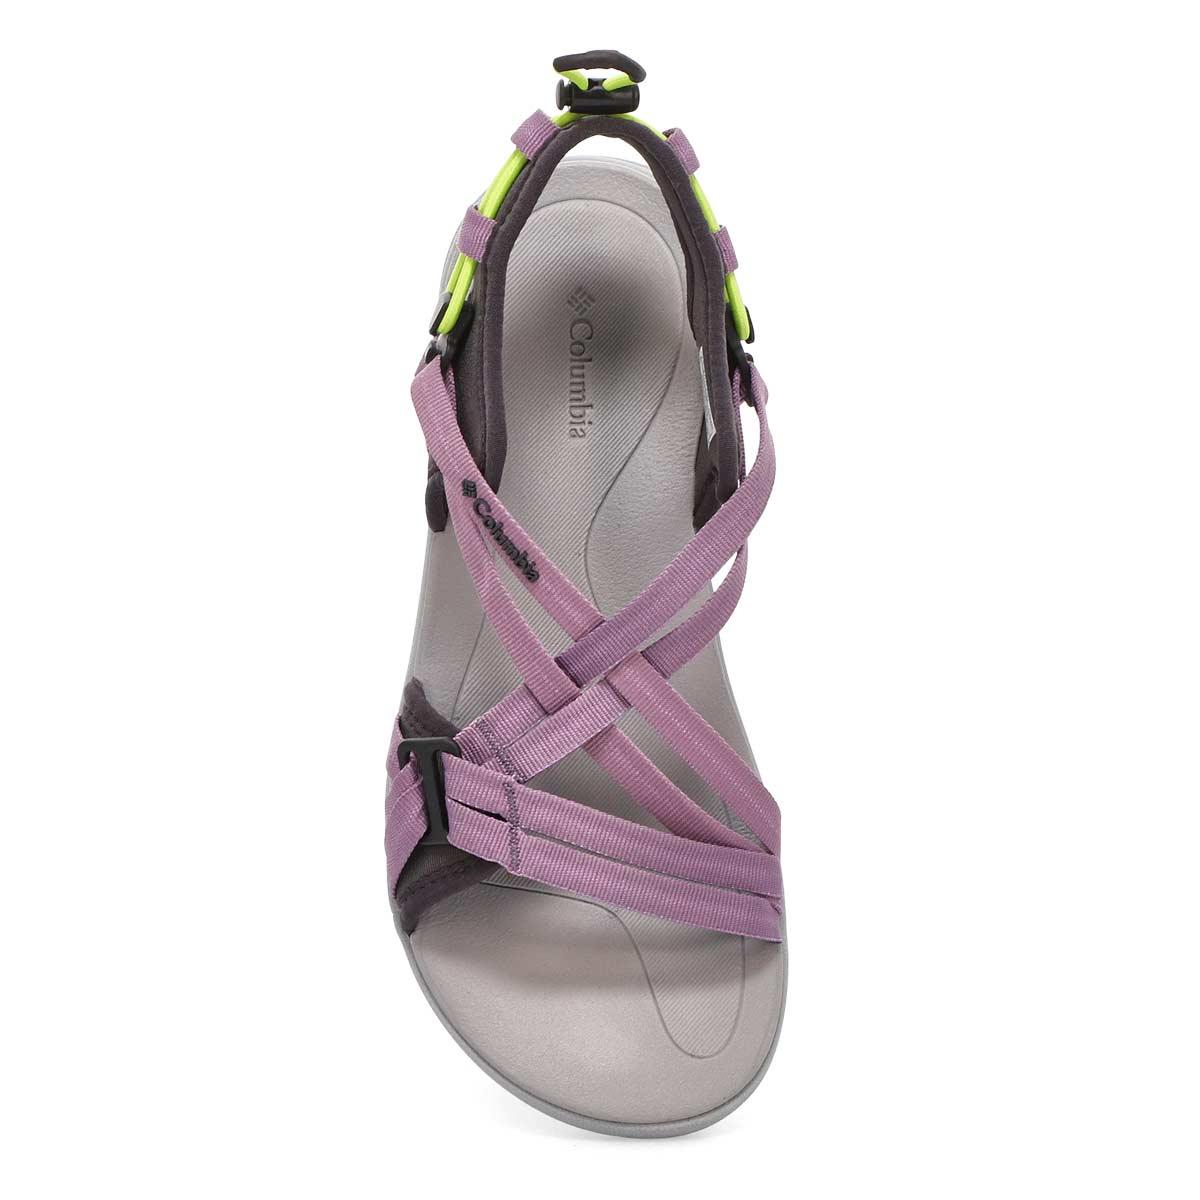 Sandales COLUMBIA SANDAL, violet/rétro, femmes